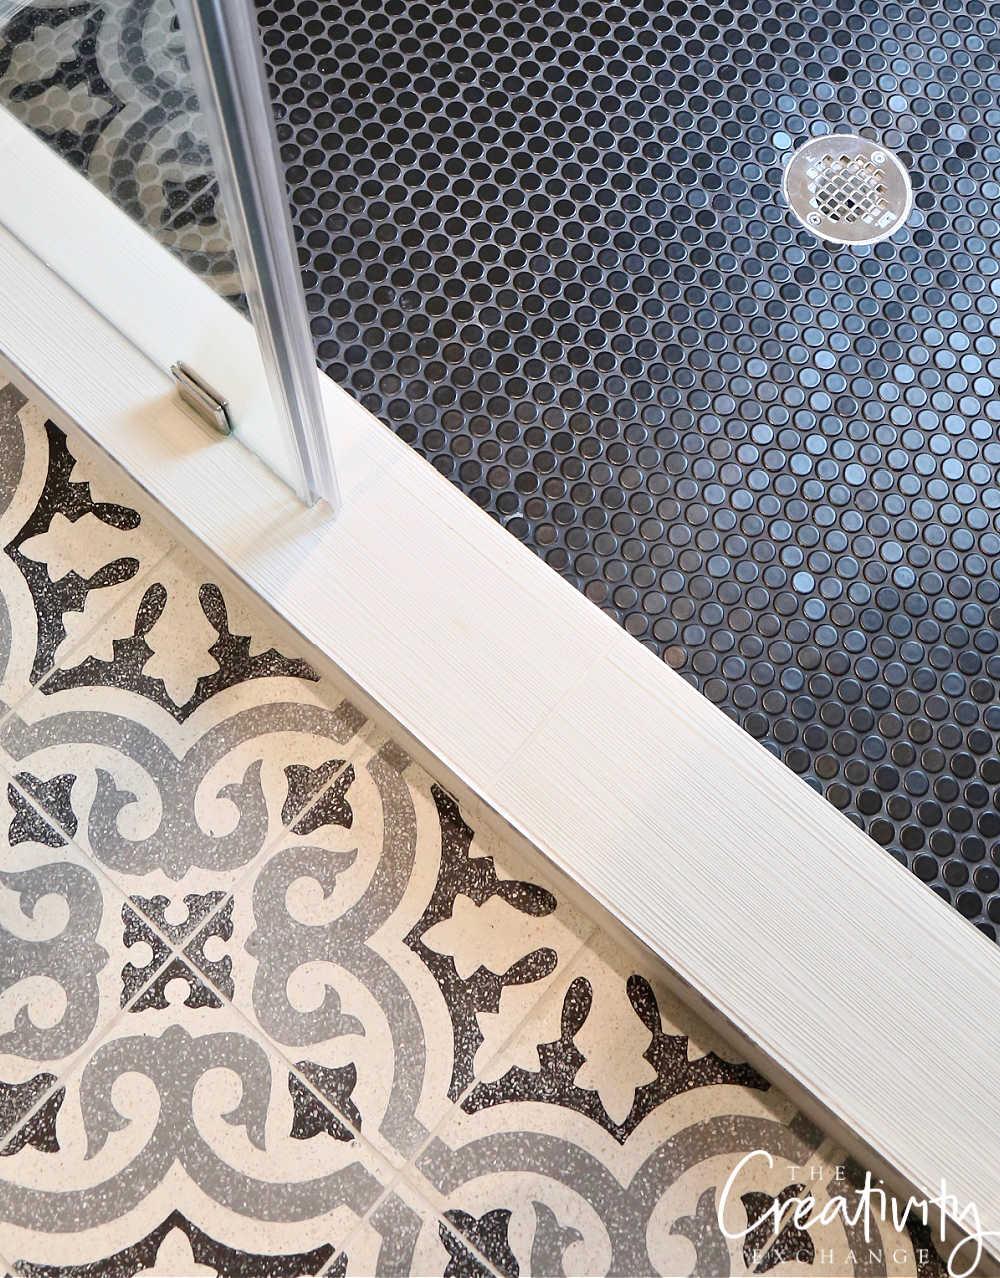 Mixing Tile Patterns